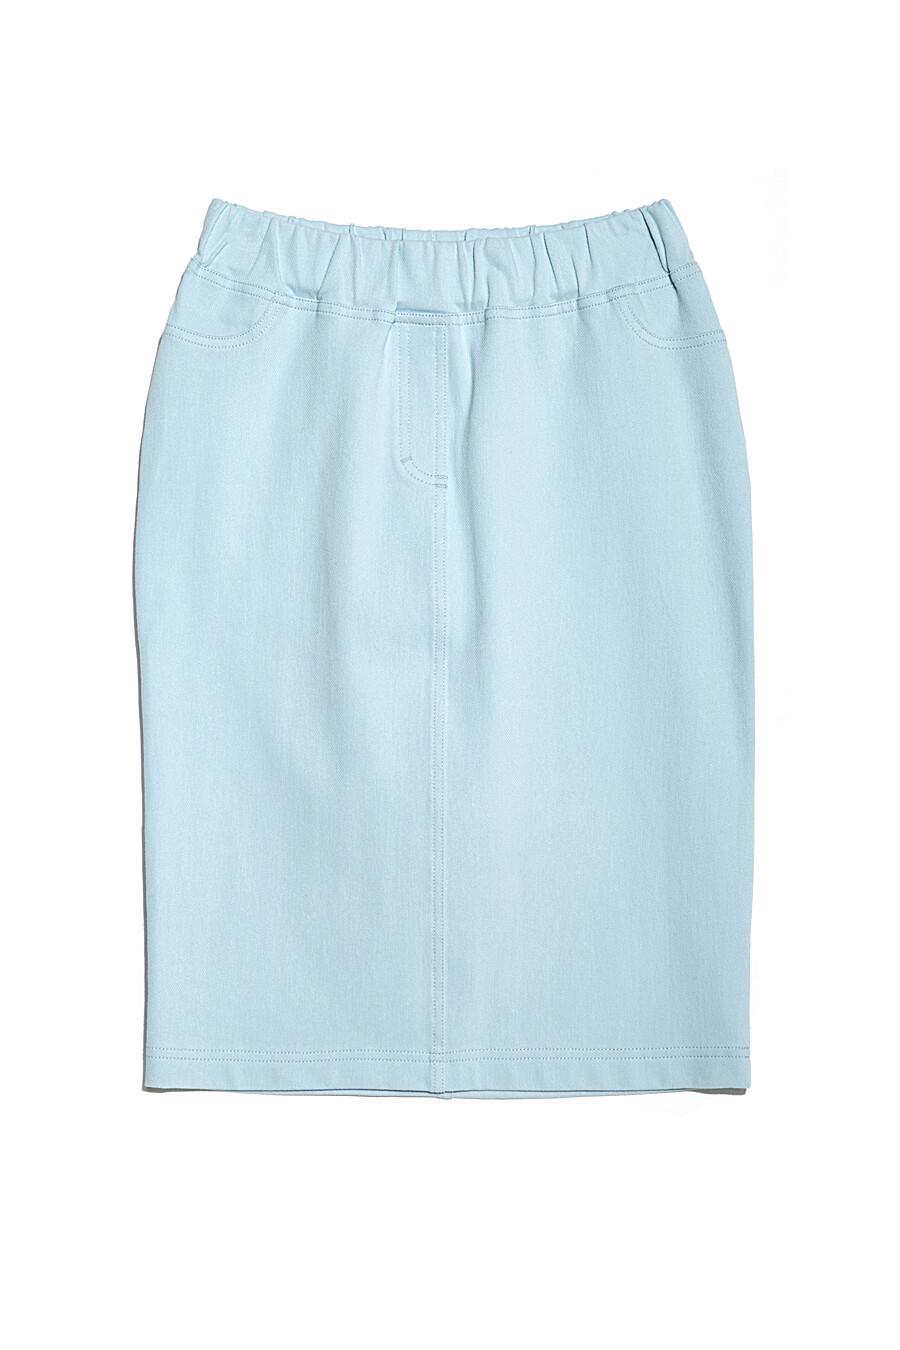 Юбка для женщин CONTE ELEGANT 148670 купить оптом от производителя. Совместная покупка женской одежды в OptMoyo